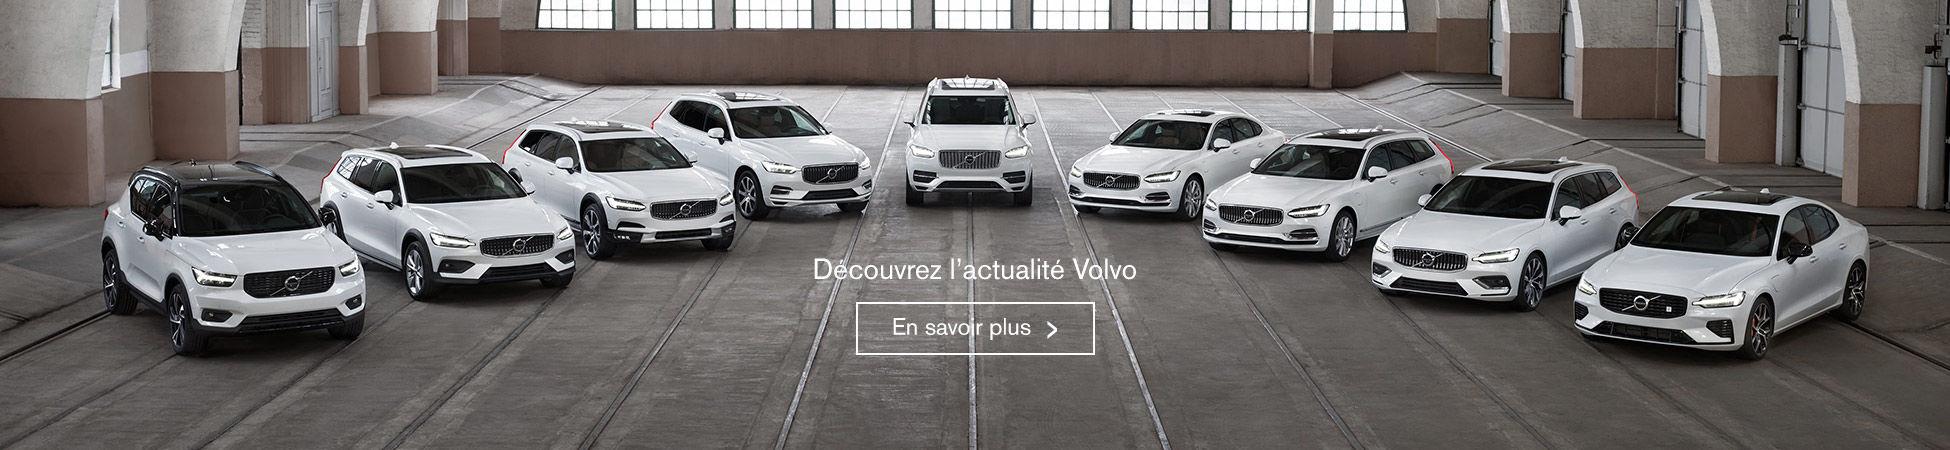 Découvrez l'actualité Volvo